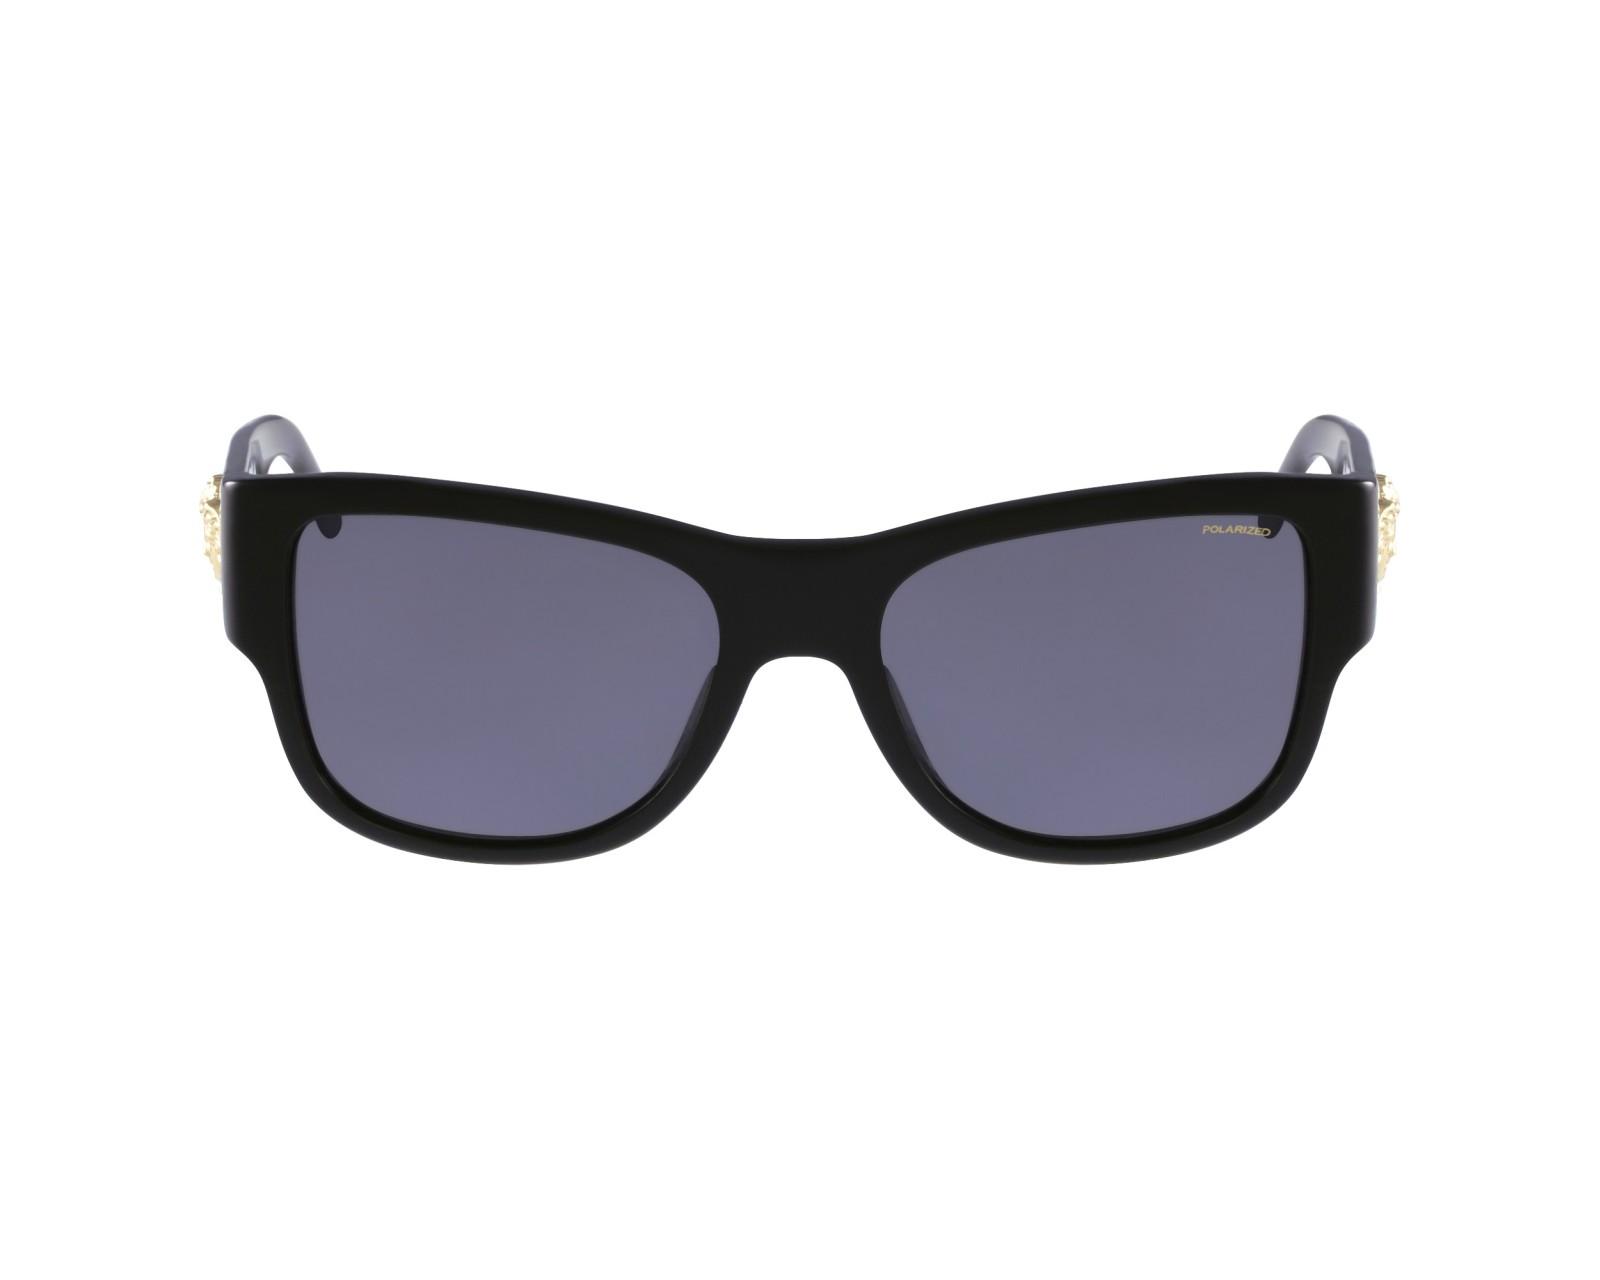 lunettes de soleil versace ve 4275 gb1 81 noir avec des verres gris pour hommes. Black Bedroom Furniture Sets. Home Design Ideas